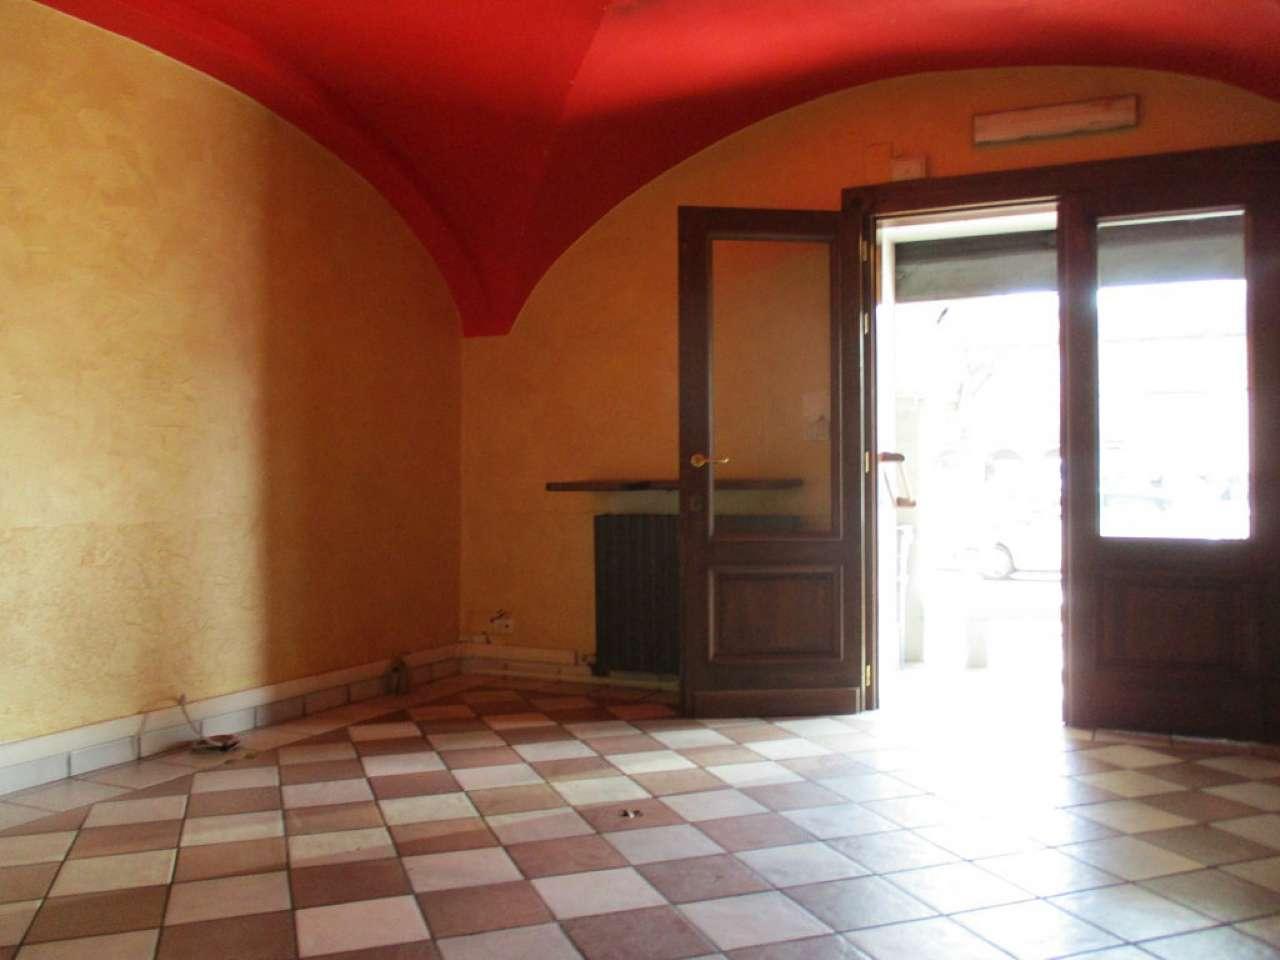 Negozio / Locale in affitto a Savigliano, 4 locali, prezzo € 1.000 | CambioCasa.it